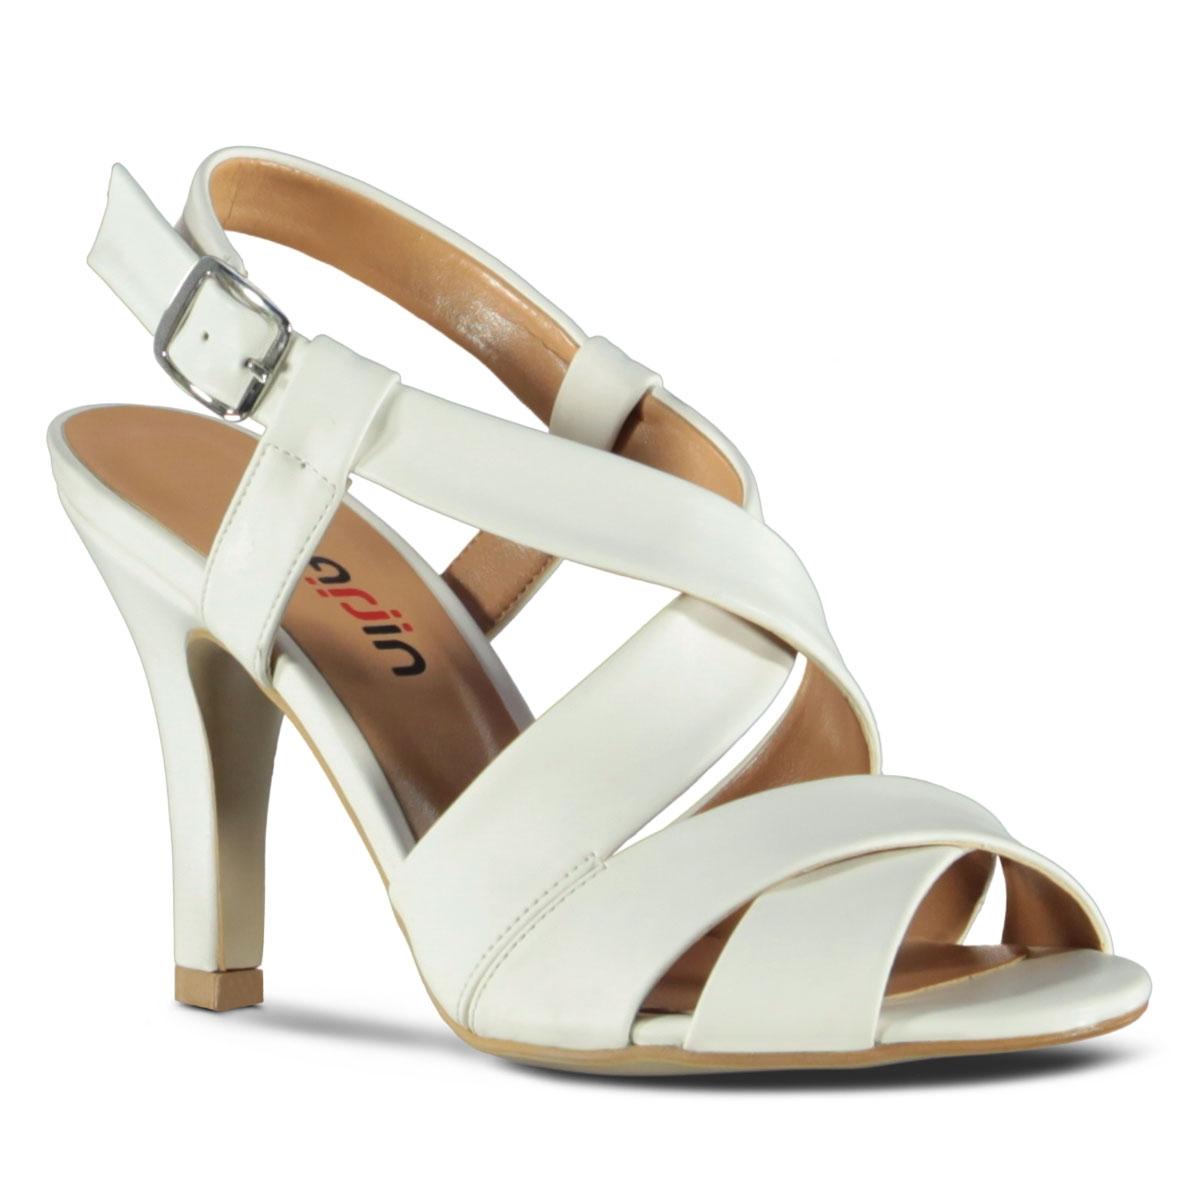 beyaz-topuklu-gelin-ayakkabi-modelleri-7